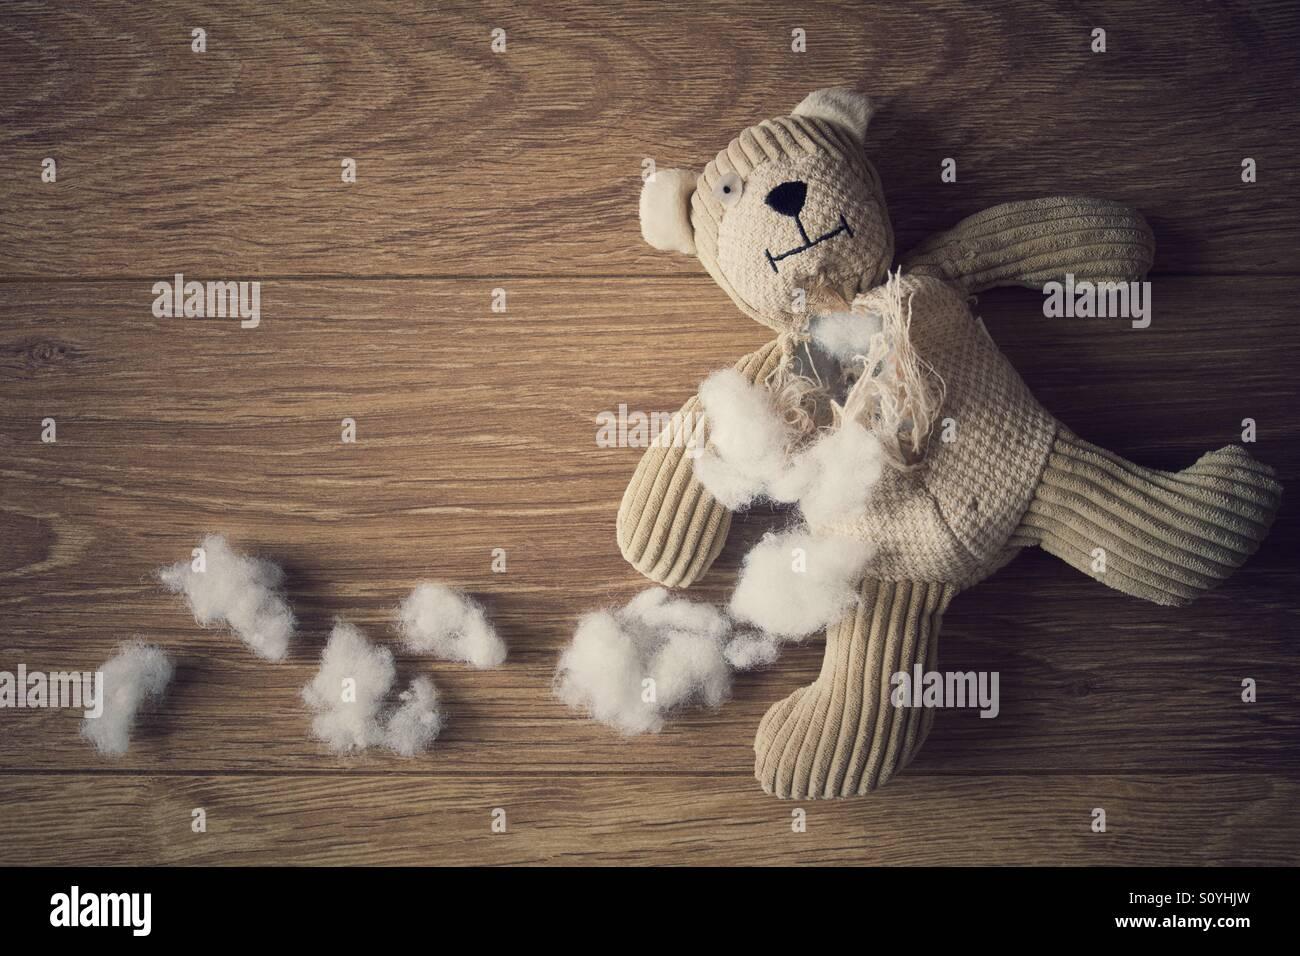 Un petit ours en peluche portant sur un sol en bois avec sa farce déchiré et tiré. Photo Stock